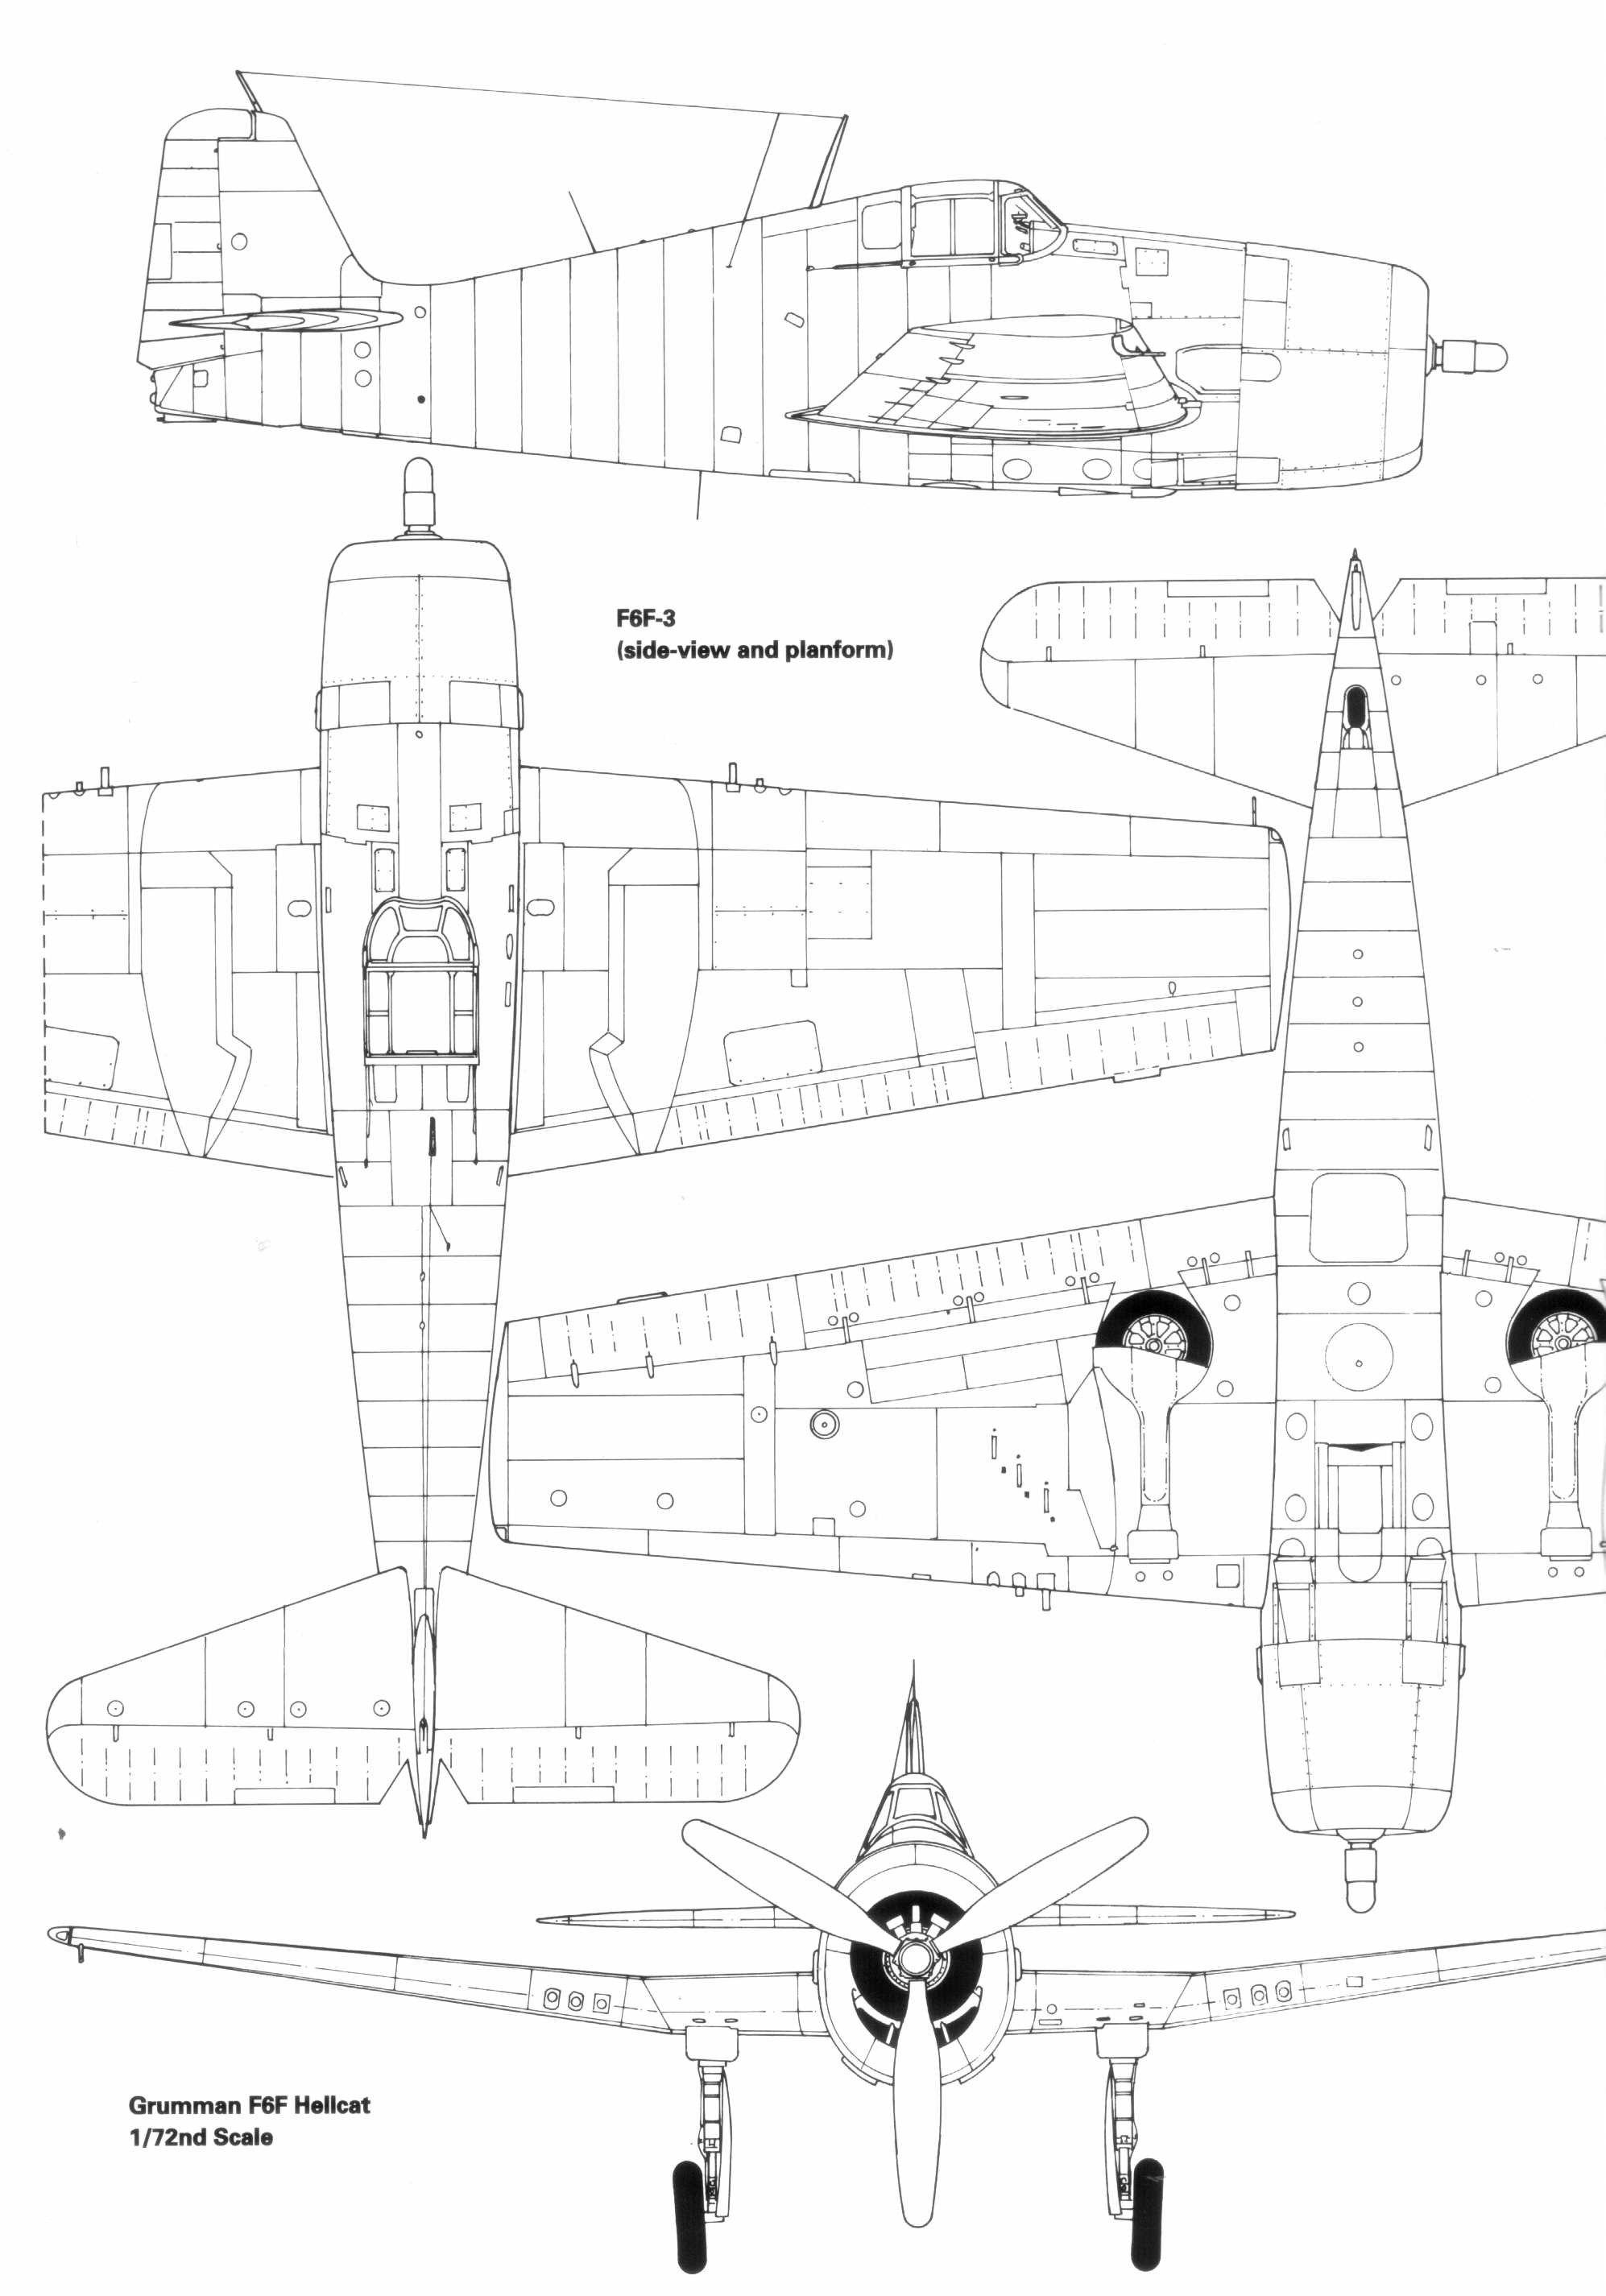 Grumman F6f Hellcat Blueprint